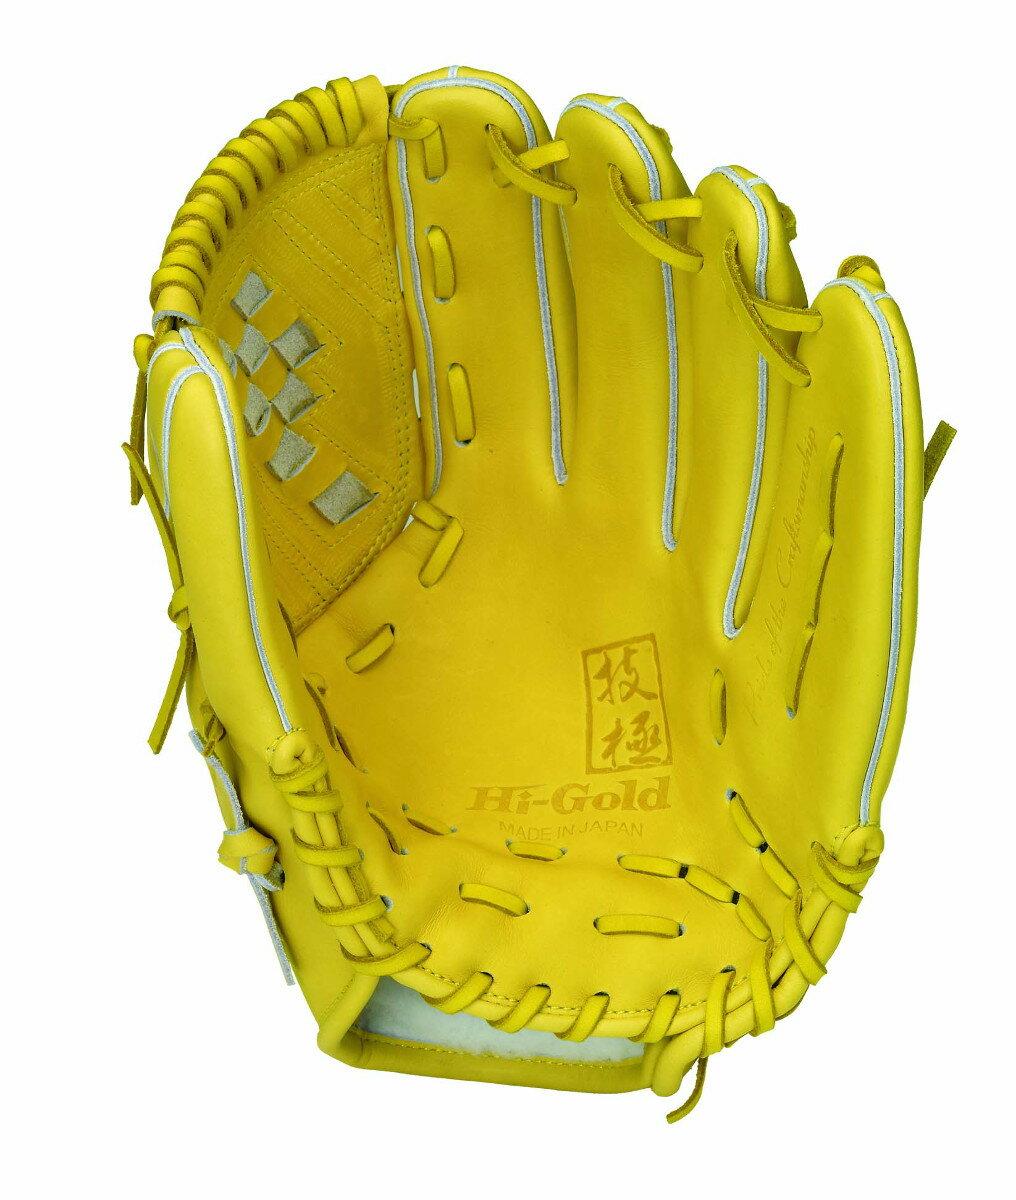 HI-GOLD(ハイゴールド) 硬式野球グラブ技極SPECIAL(スペシャル) 投手用グローブ  WKG-4011:ラックスポーツ